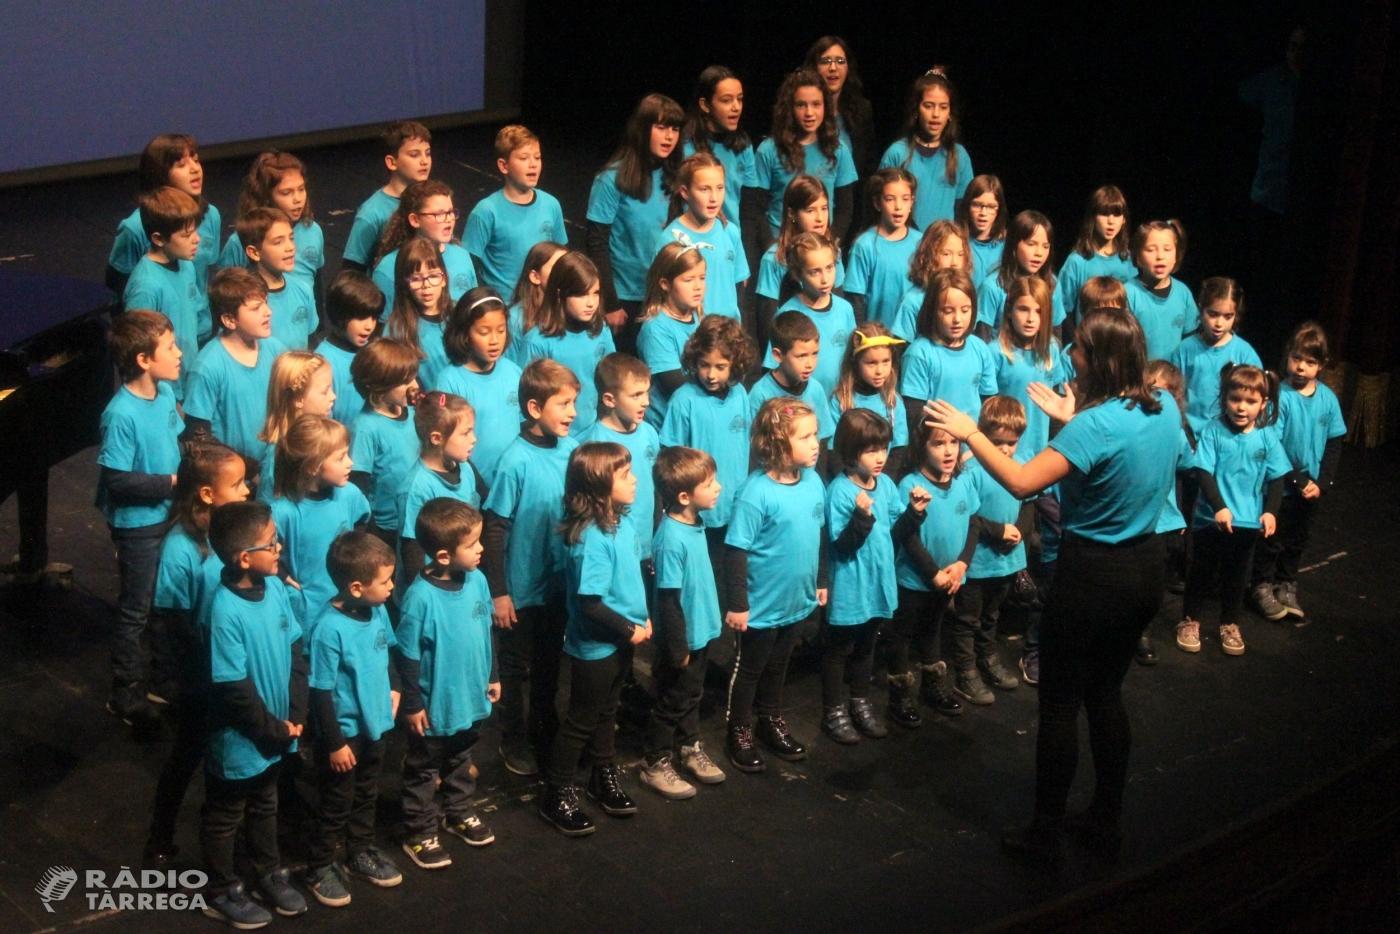 Tàrrega celebra un lluït concert de Santa Cecília en favor de La Marató de TV3